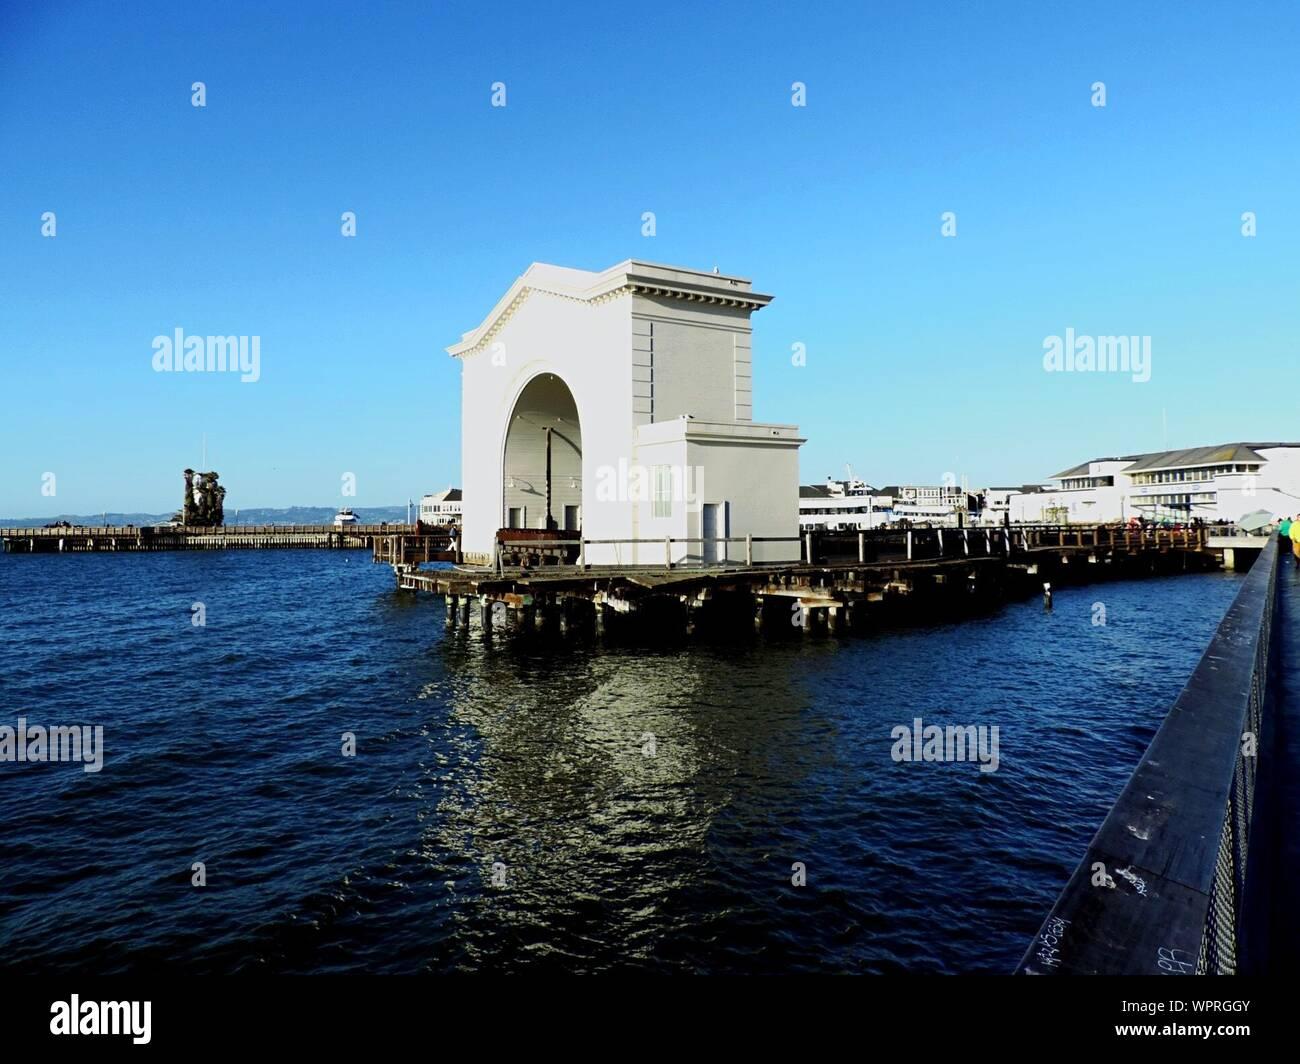 Passerelle sur une jetée à River contre Ciel Bleu clair Banque D'Images